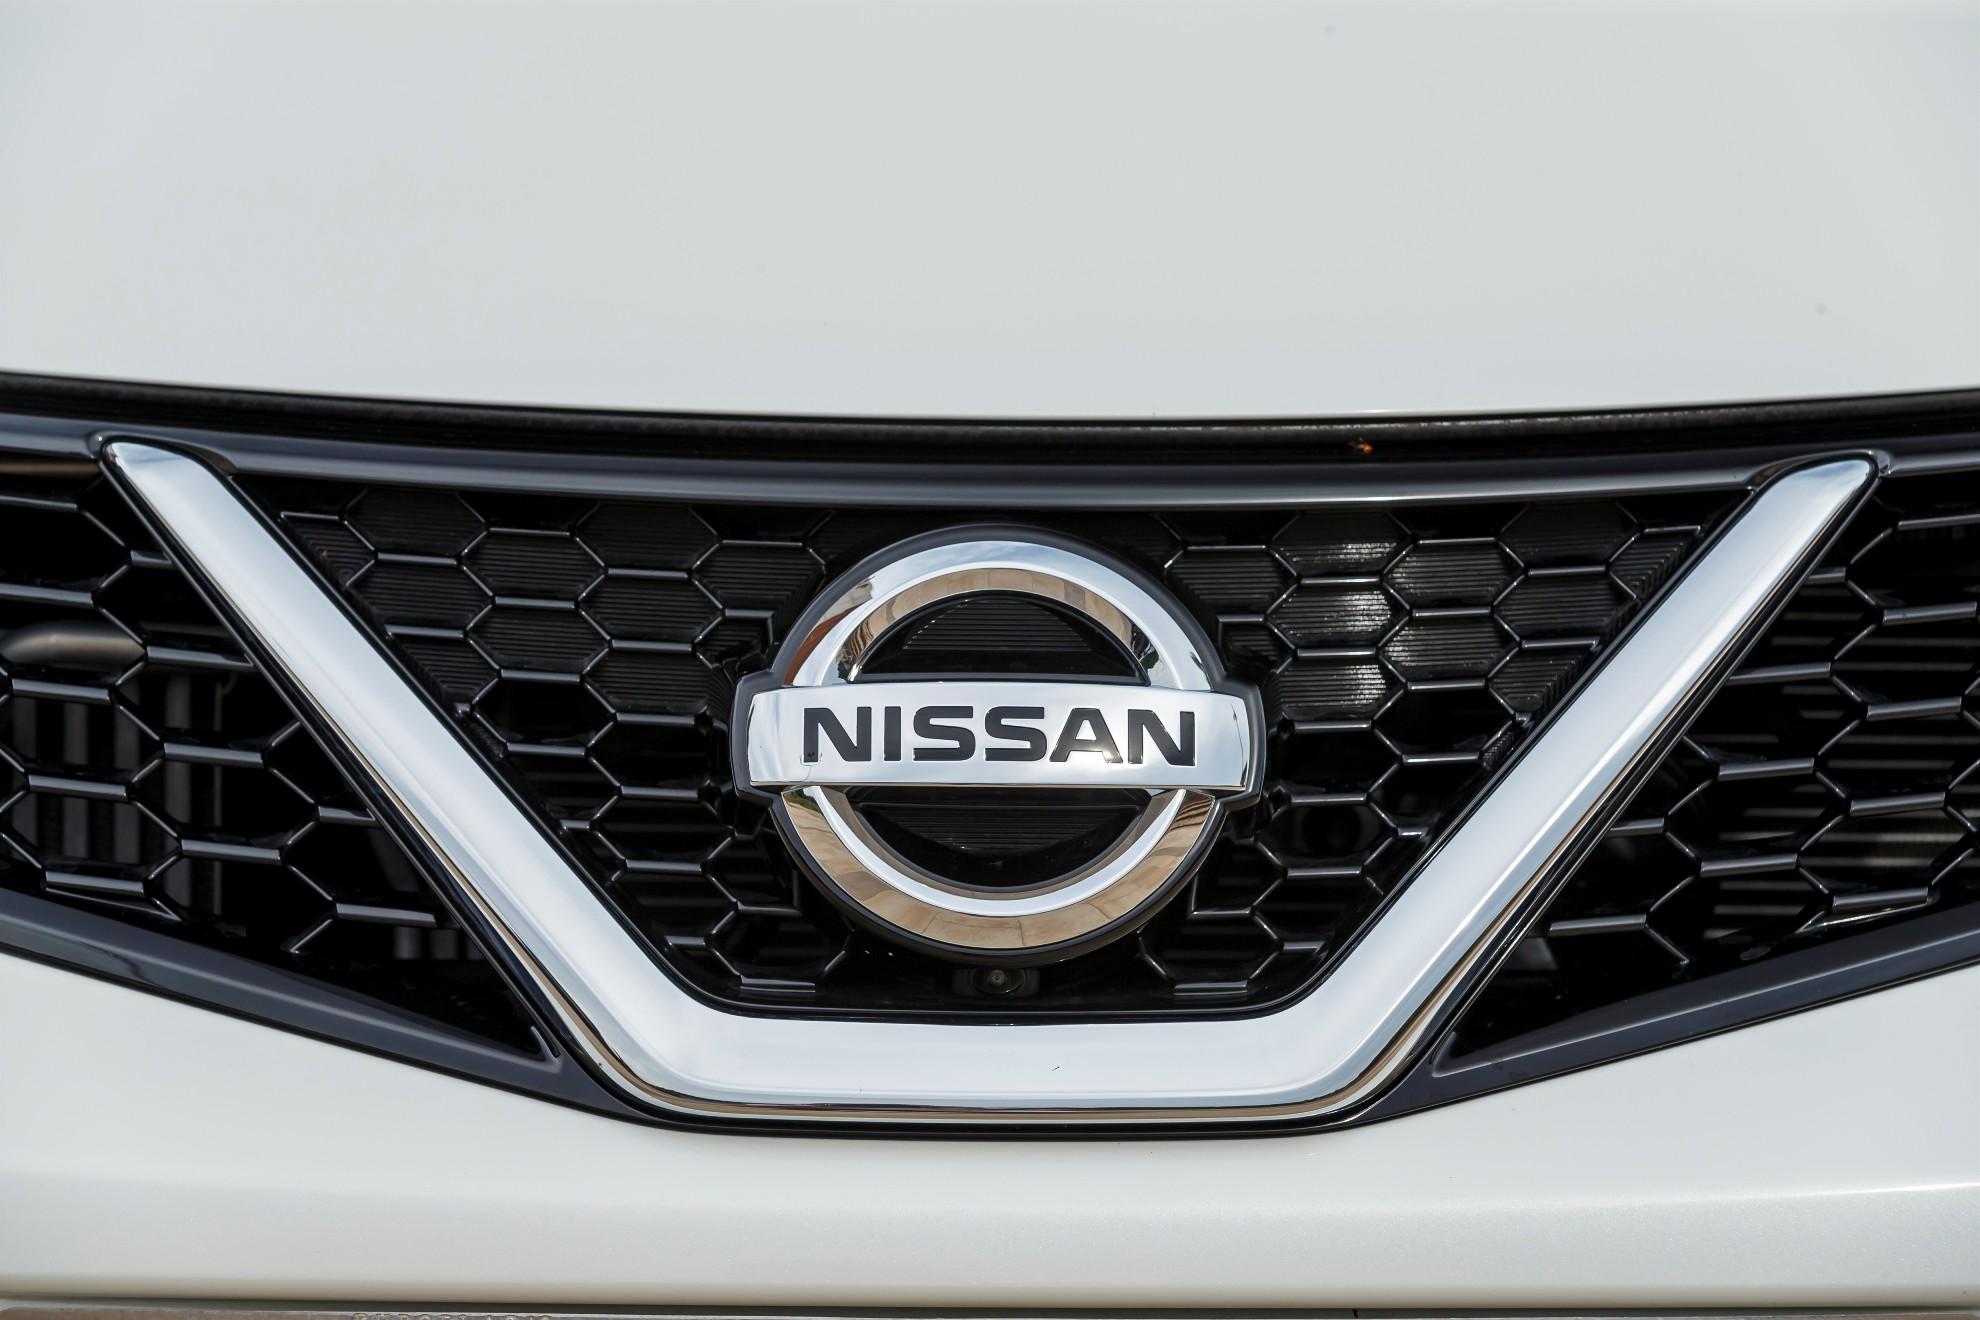 Nissan Pulsar front bumper camera